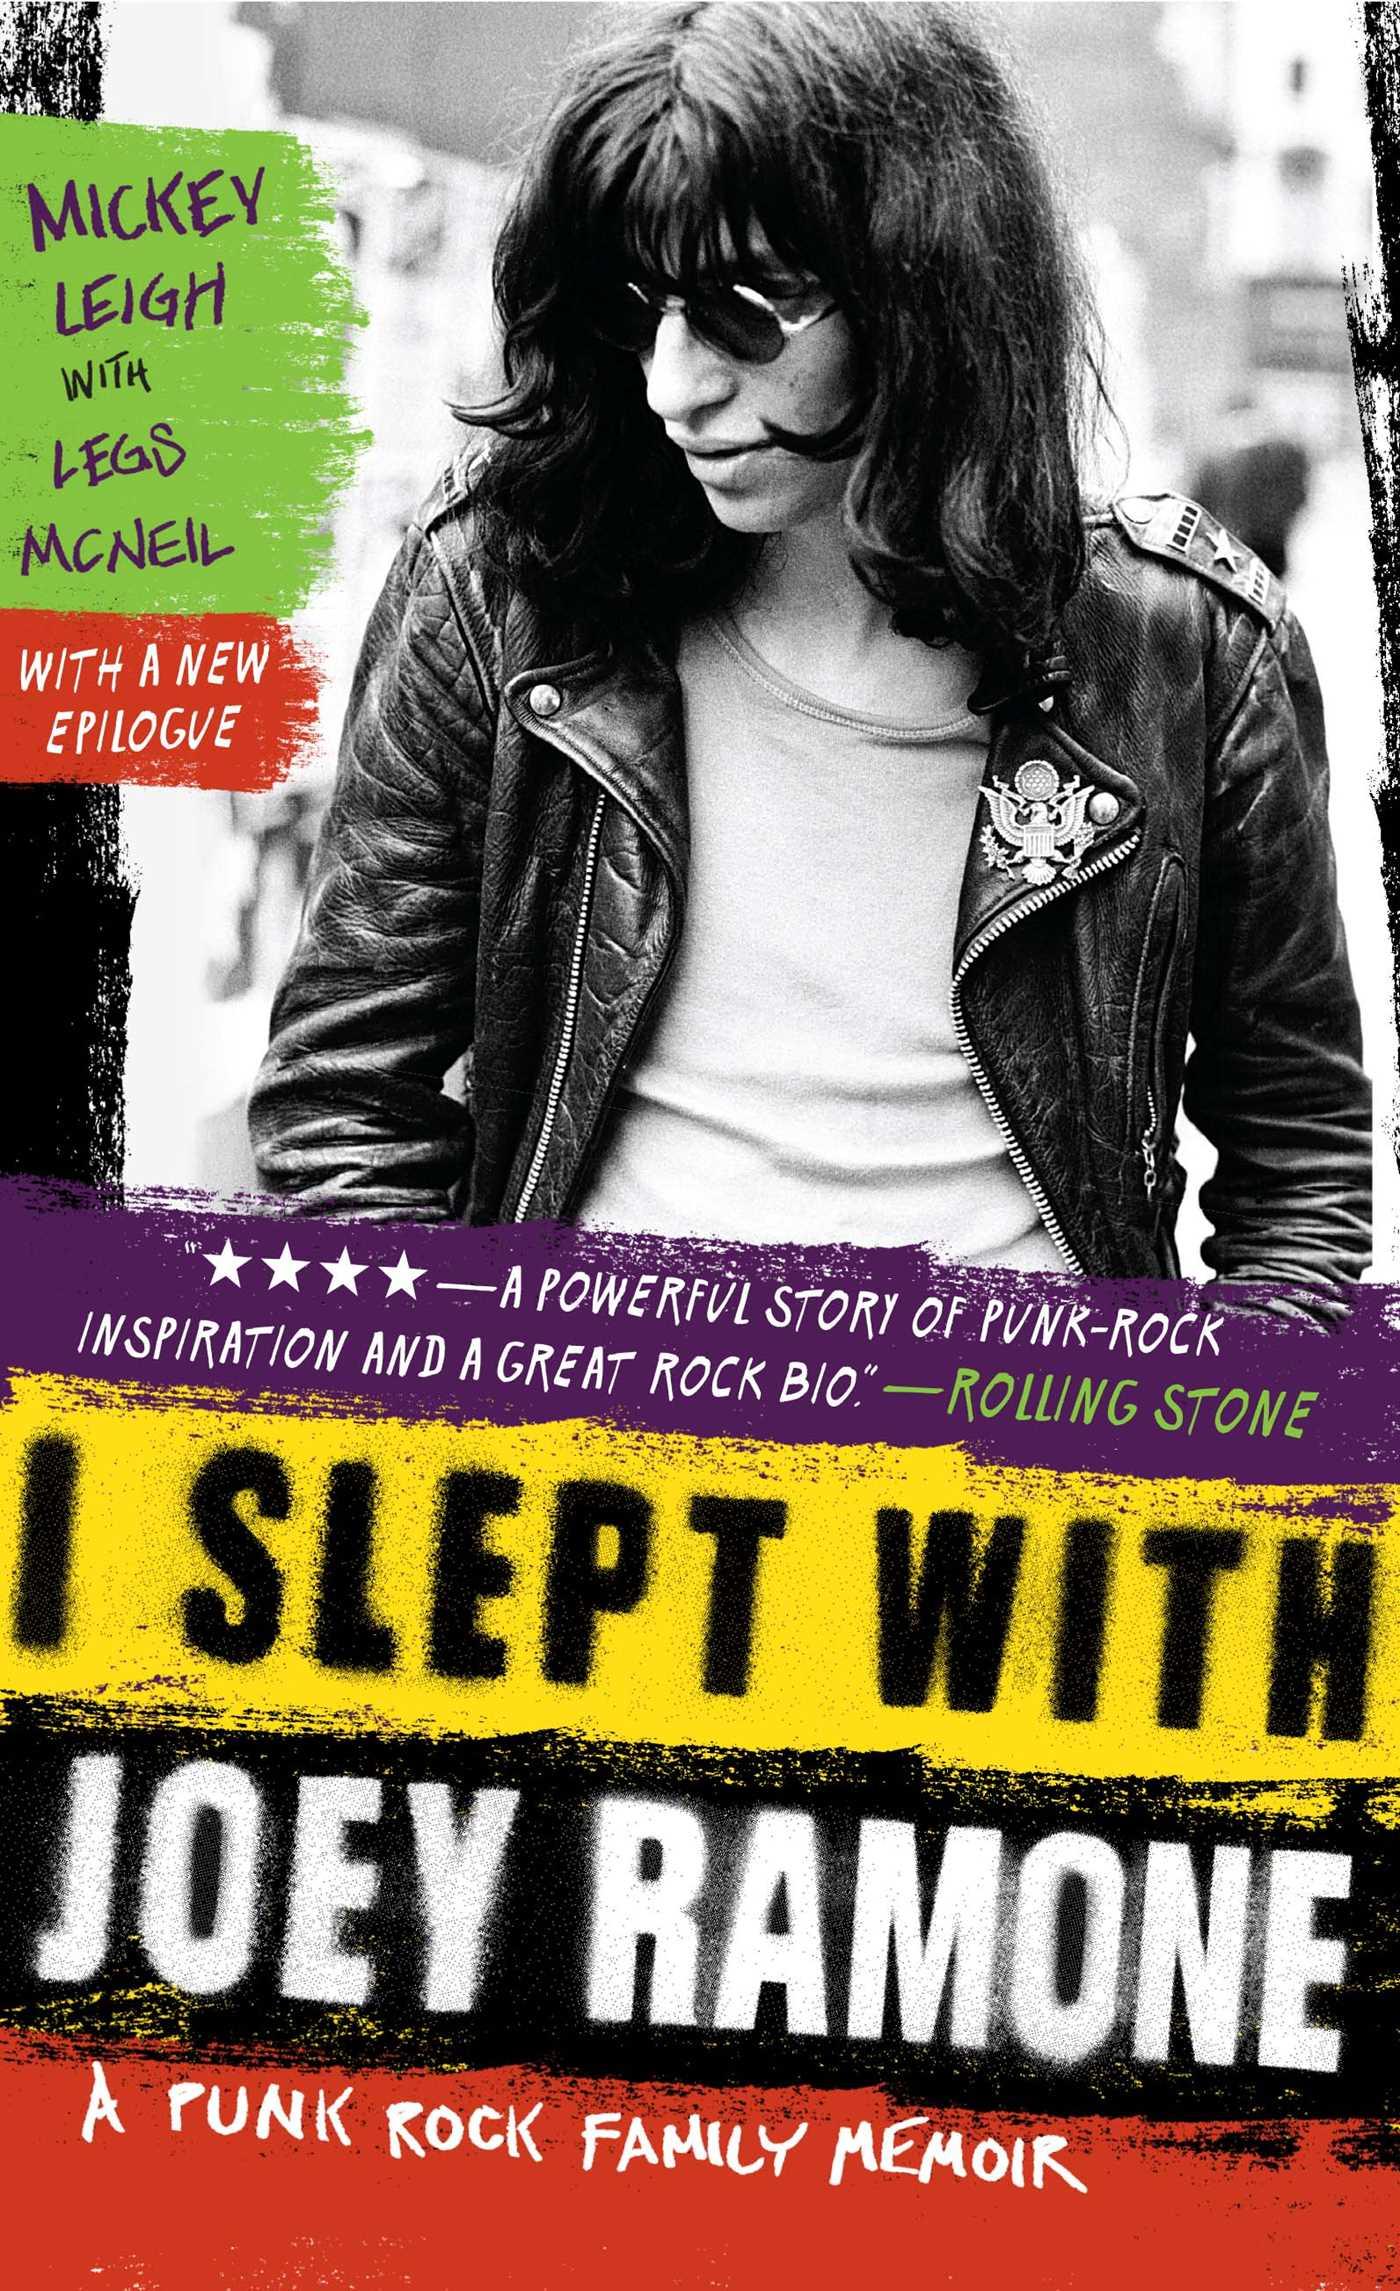 I slept with joey ramone 9781451639865 hr